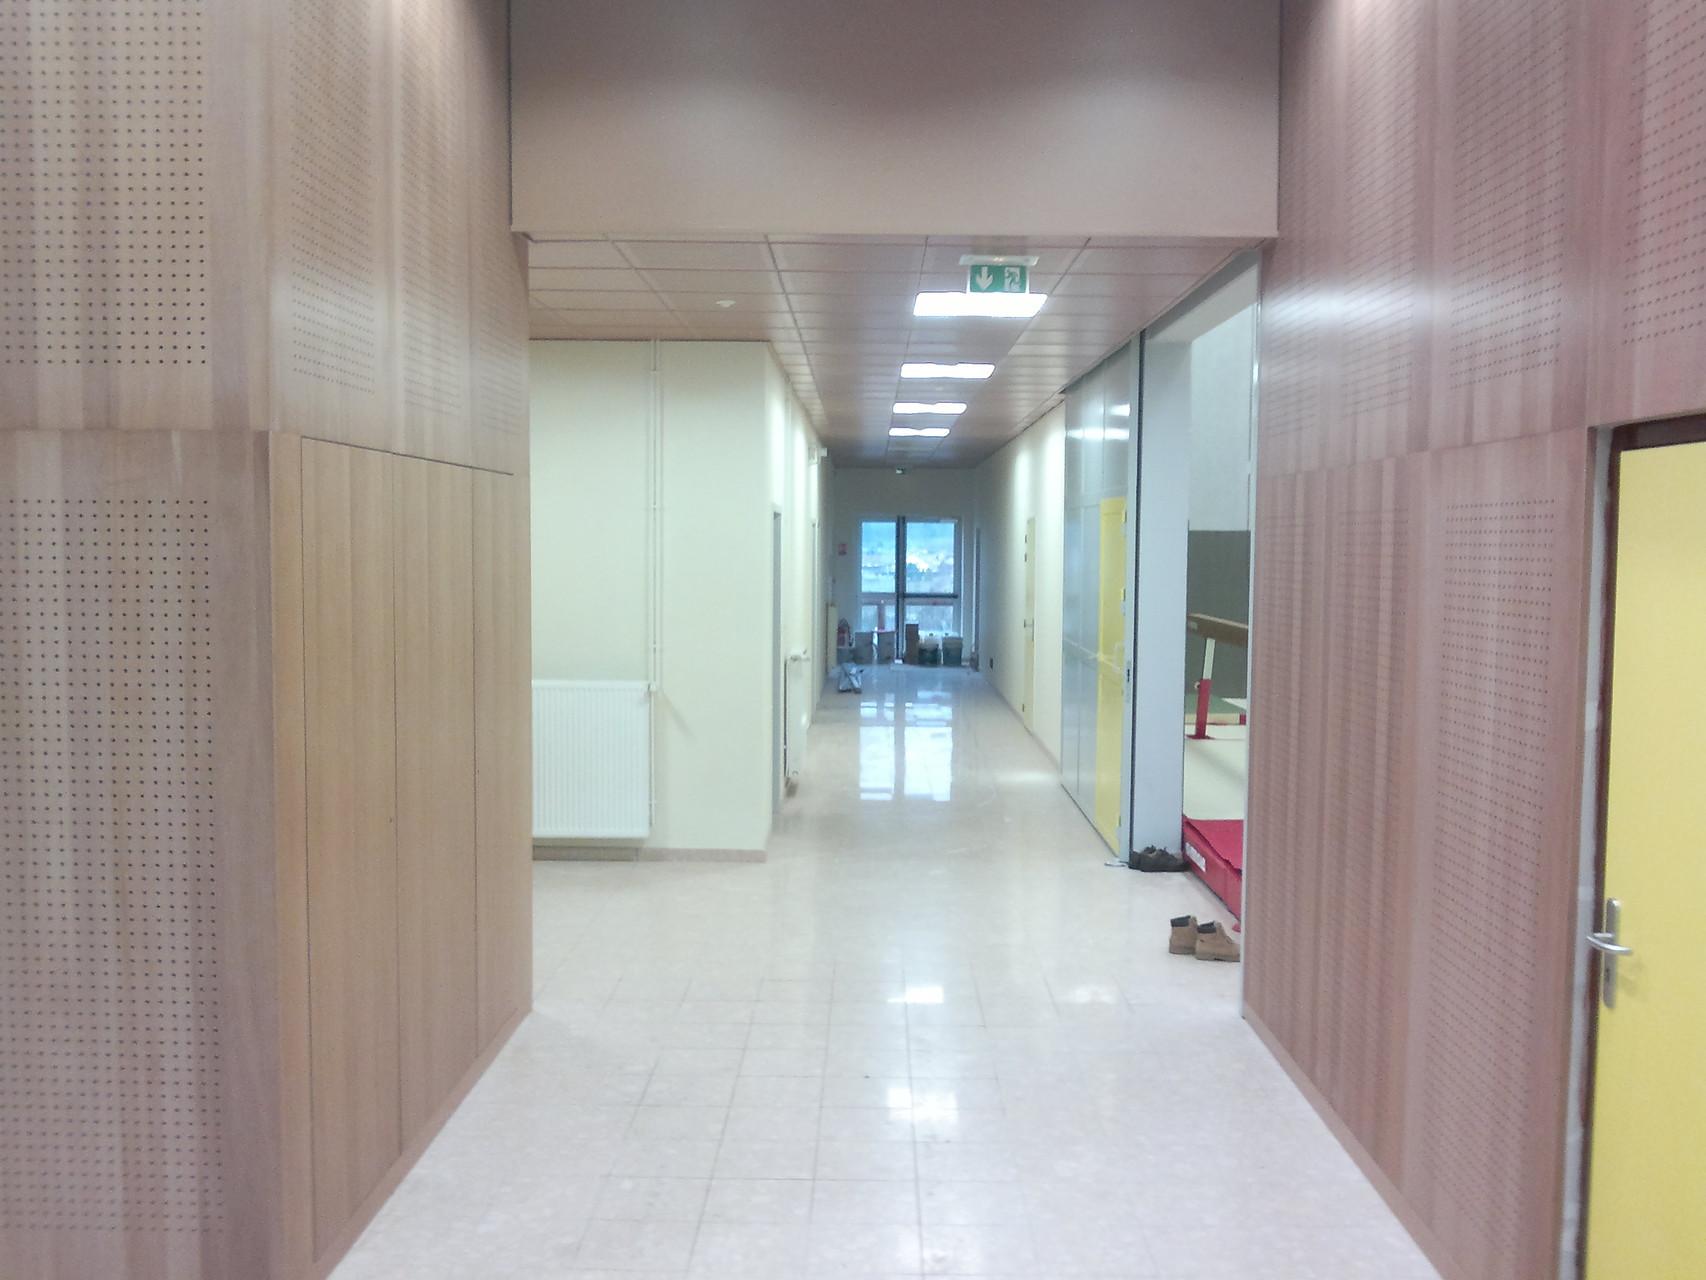 L'entrée vers les vestiaires.